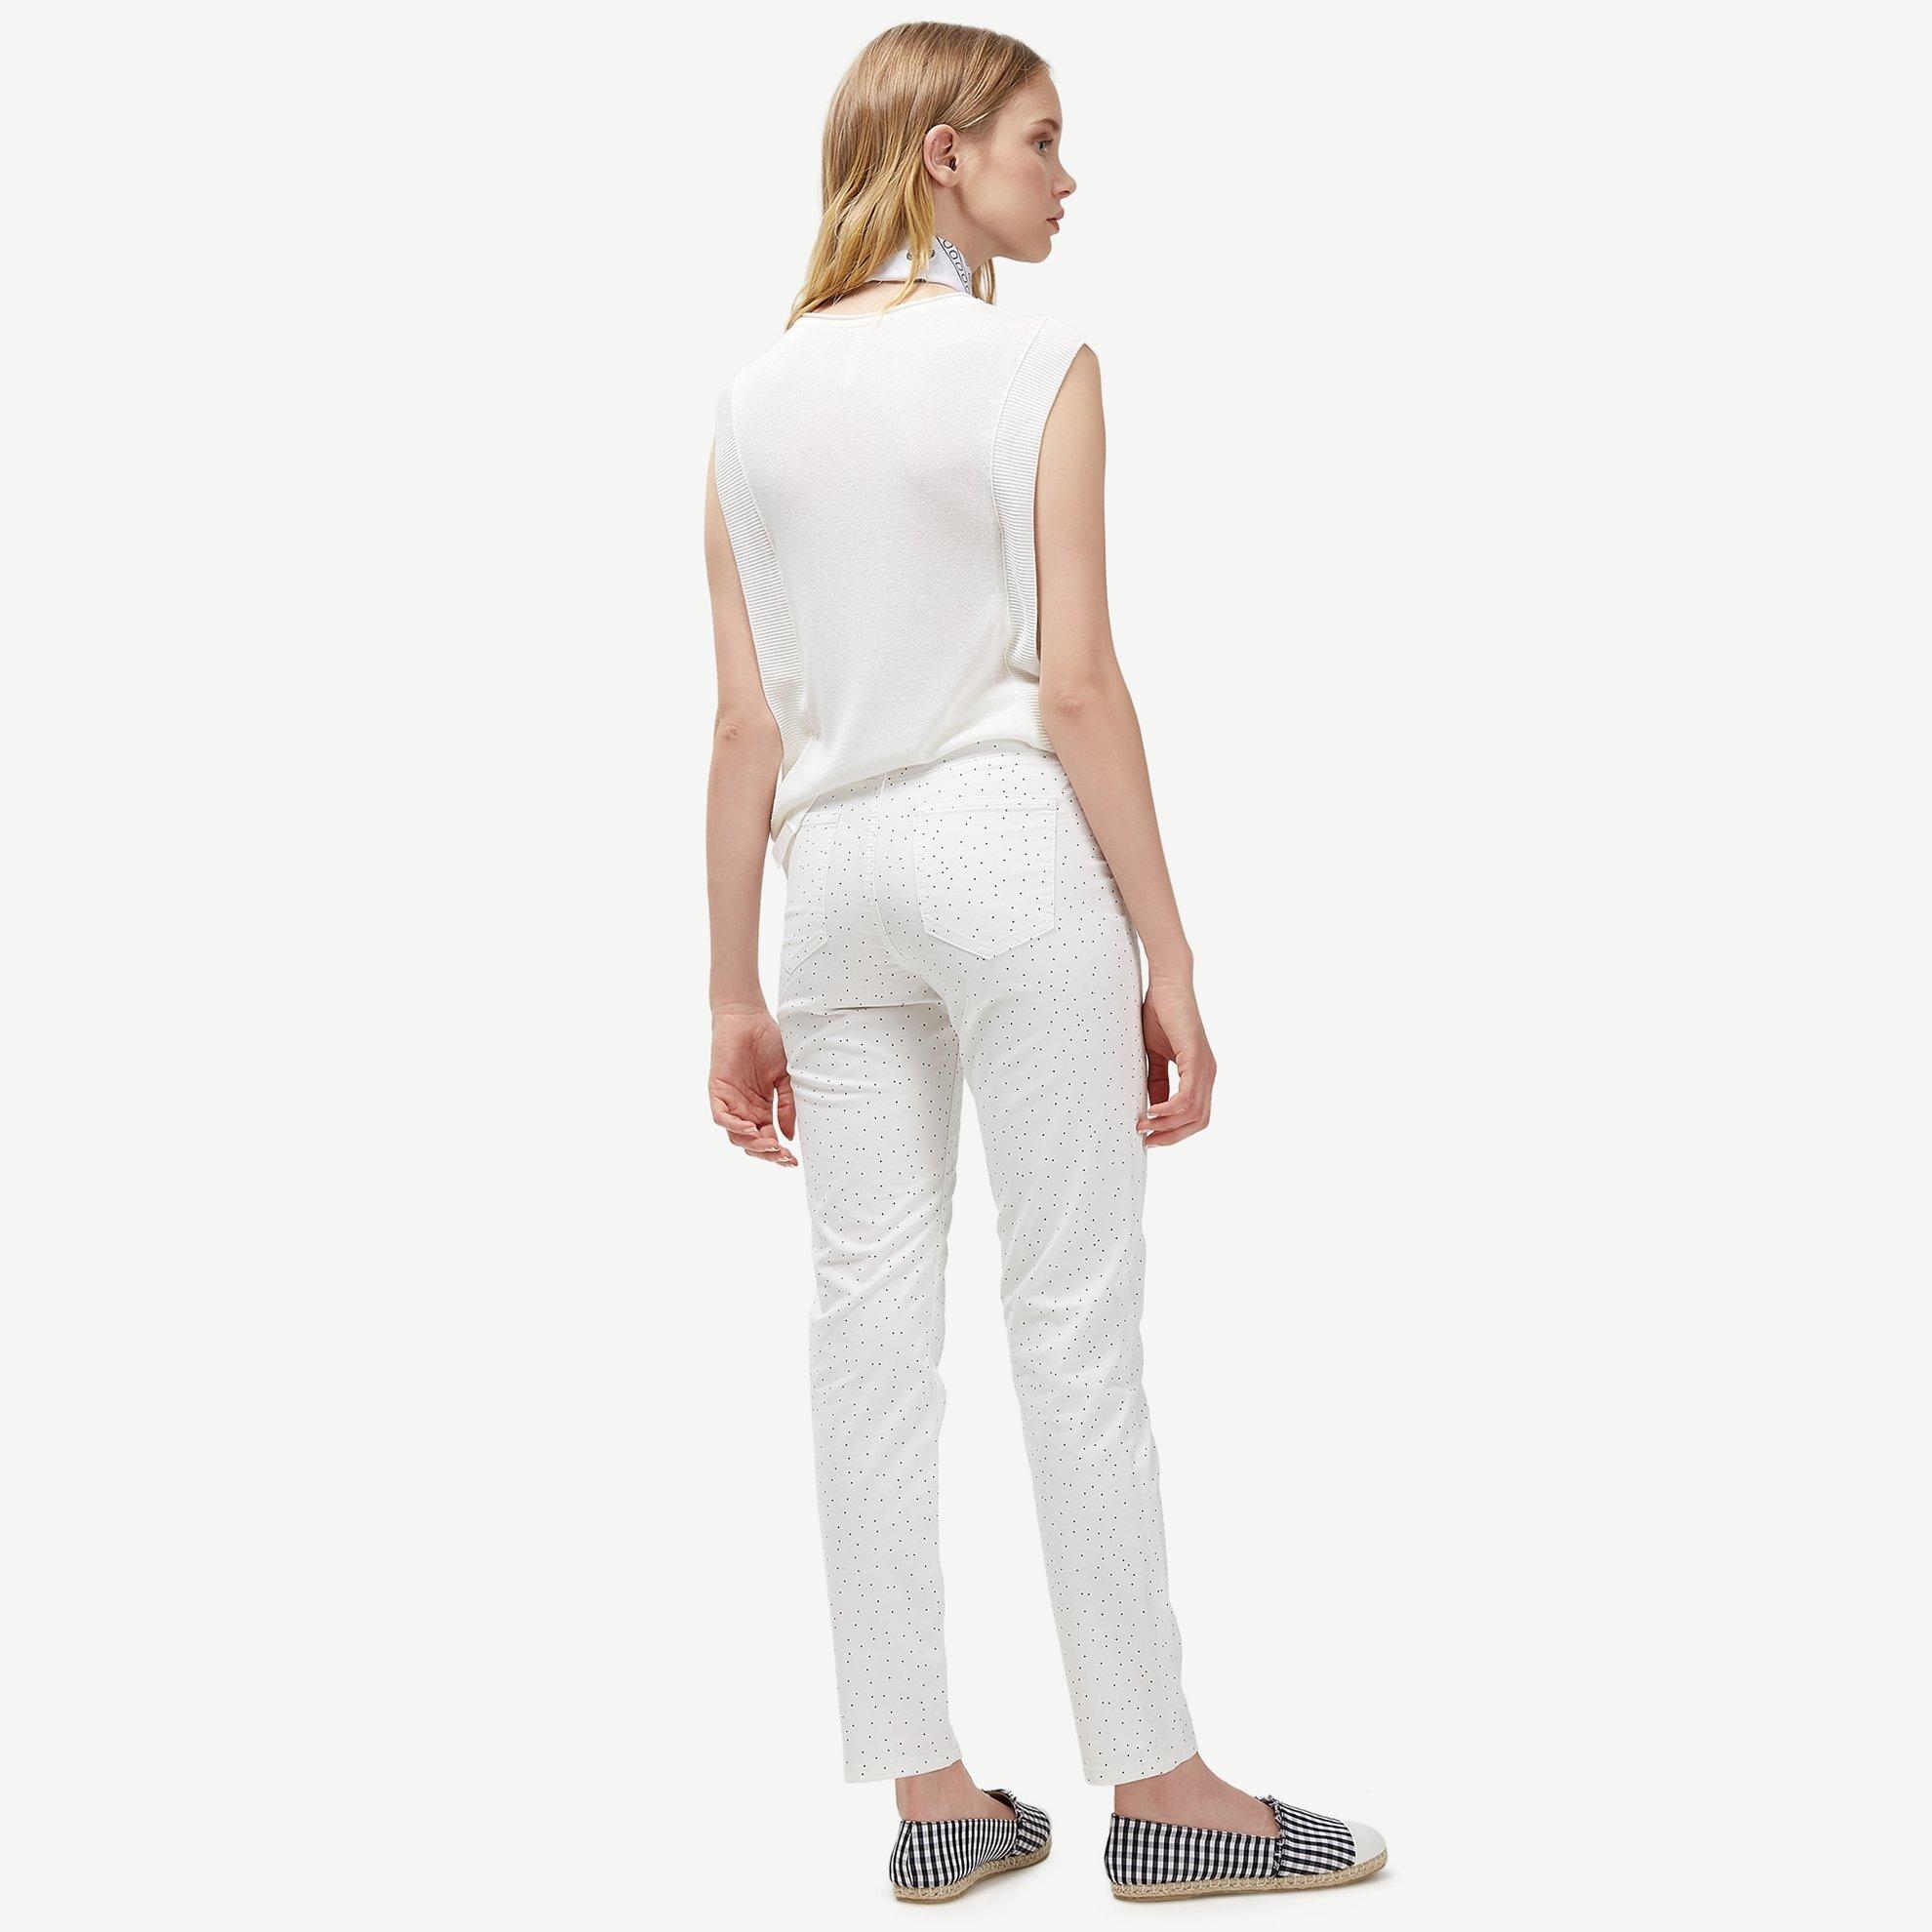 resm Beş Cep Puantiyeli Pantolon